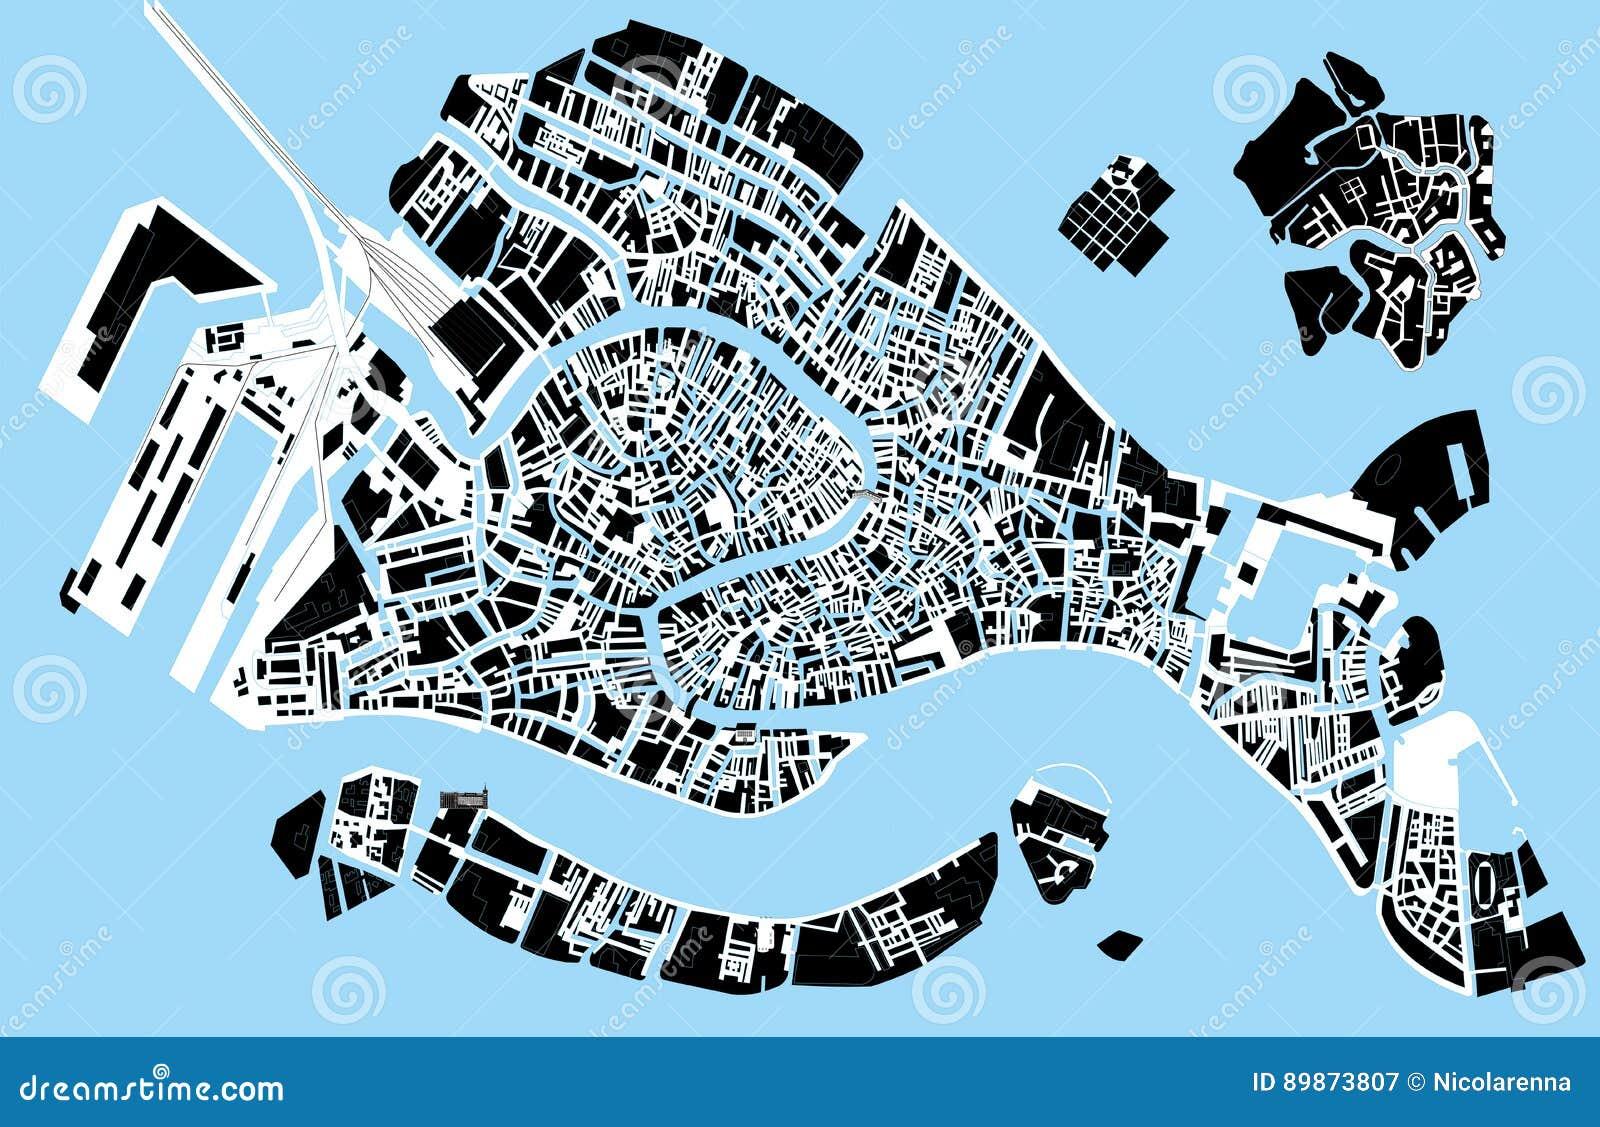 Mappa in bianco e nero di venezia illustrazione vettoriale for Mappa mondo bianco e nero